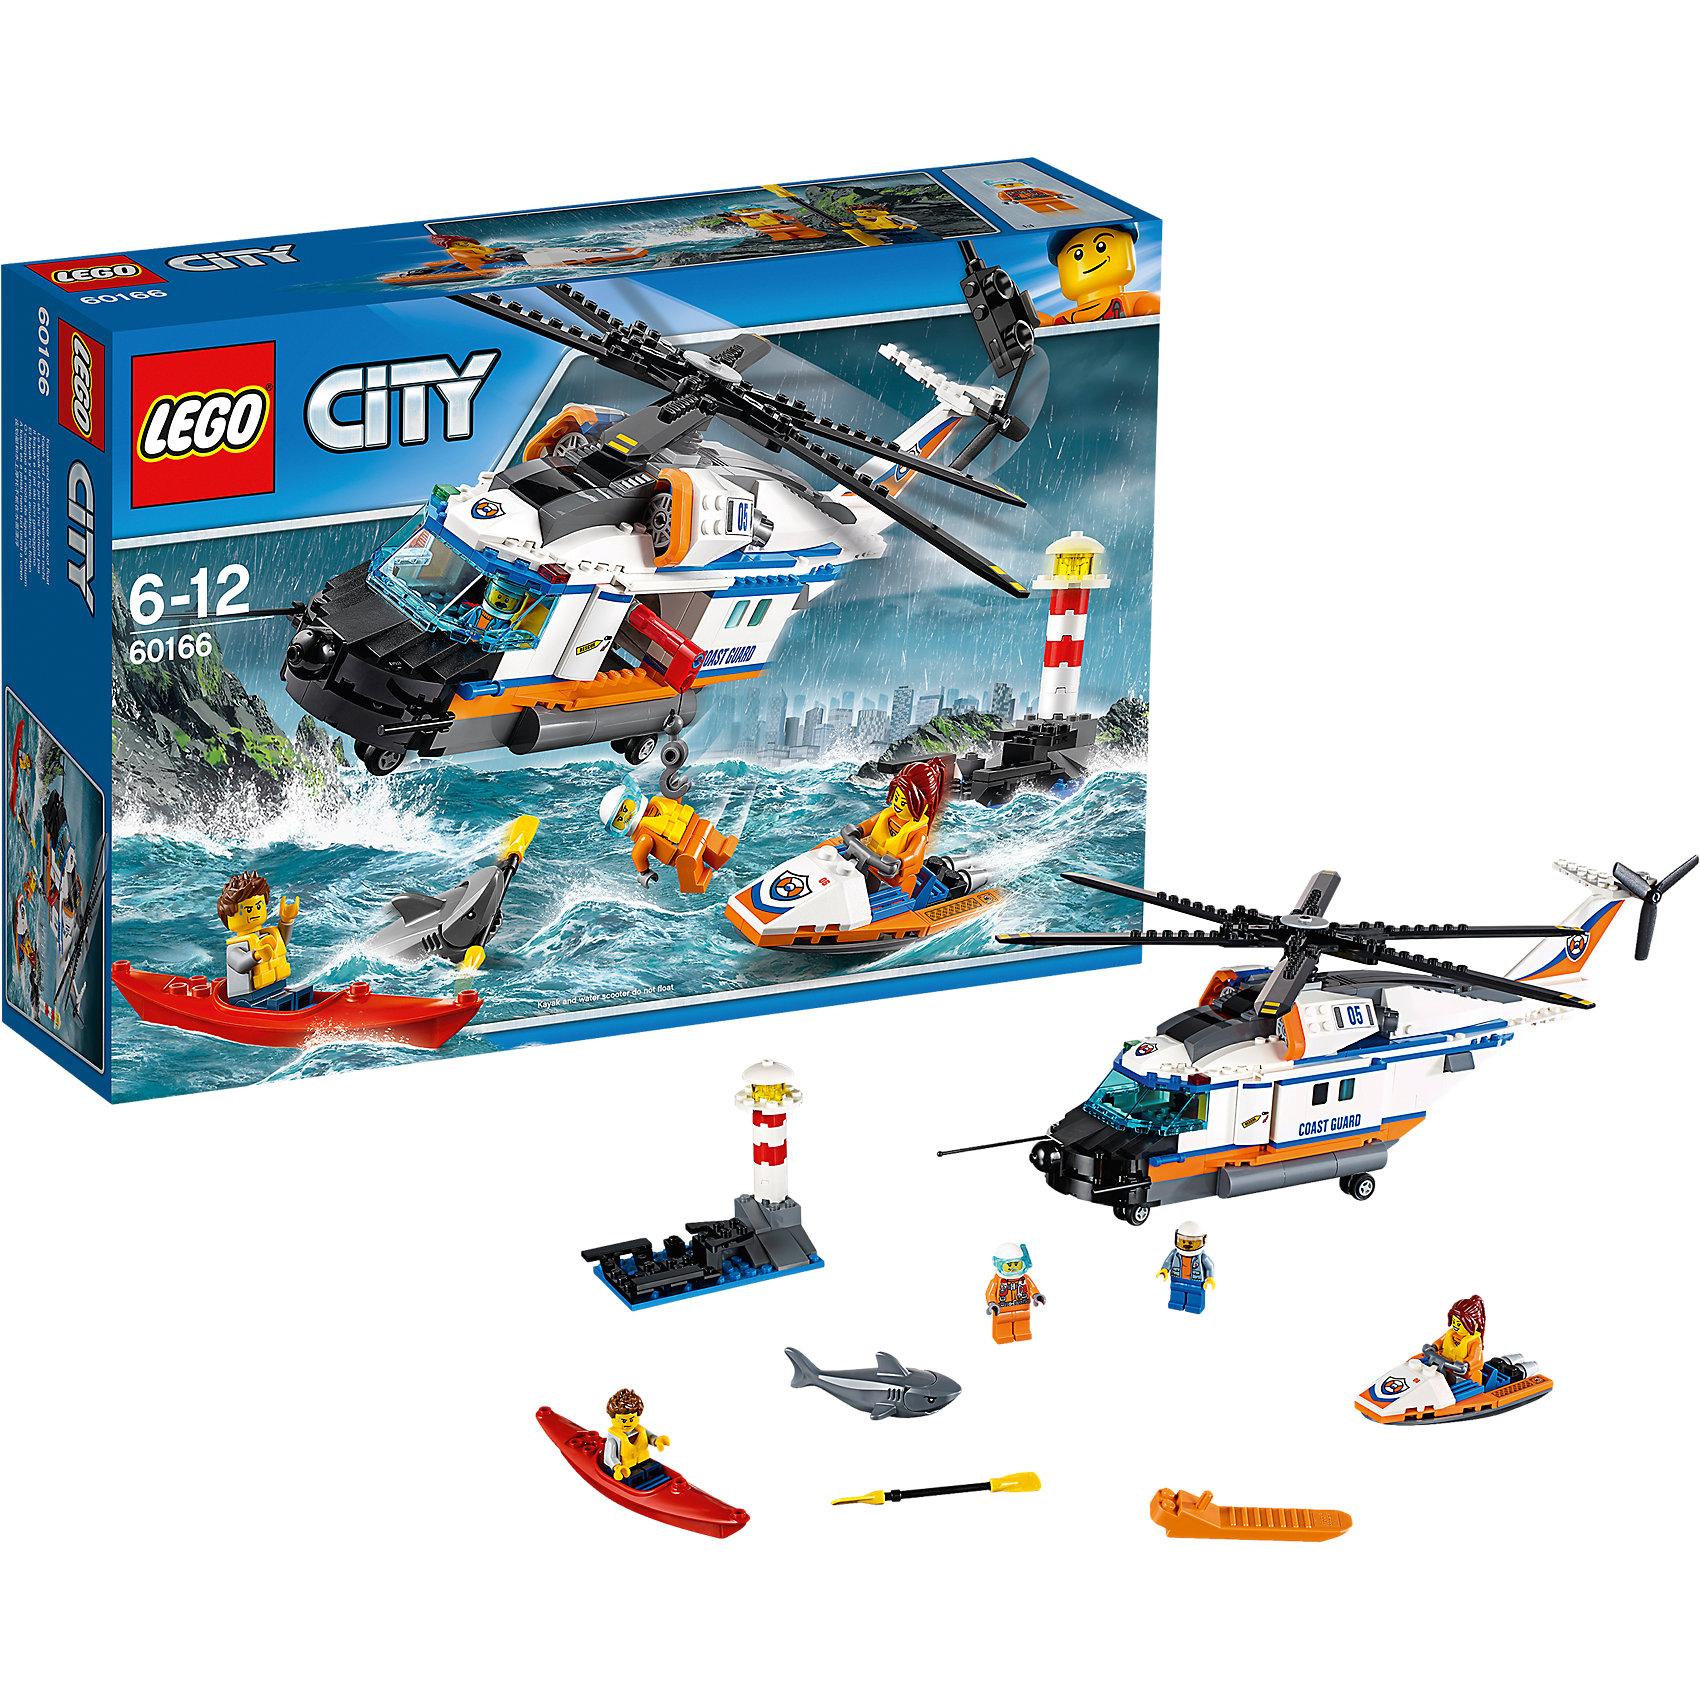 LEGO City 60166: Сверхмощный спасательный вертолётПластмассовые конструкторы<br><br><br>Ширина мм: 385<br>Глубина мм: 263<br>Высота мм: 101<br>Вес г: 1002<br>Возраст от месяцев: 72<br>Возраст до месяцев: 144<br>Пол: Мужской<br>Возраст: Детский<br>SKU: 5620020